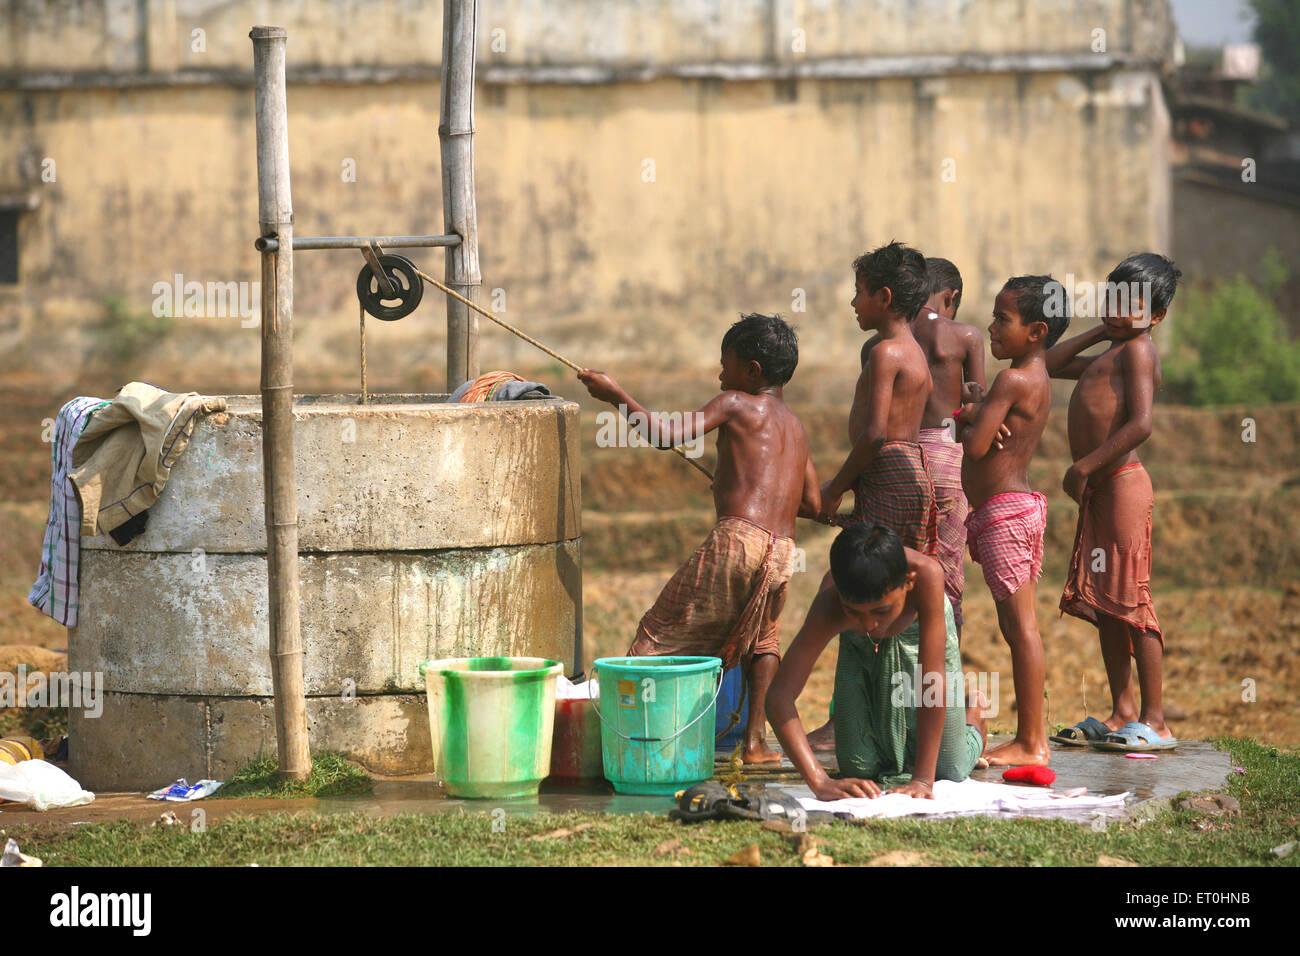 Kinder ziehen Wasser aus Brunnen, Bad Boy Wäsche am Brunnen in Jharkhand zu nehmen; Indien; KEIN HERR Stockbild